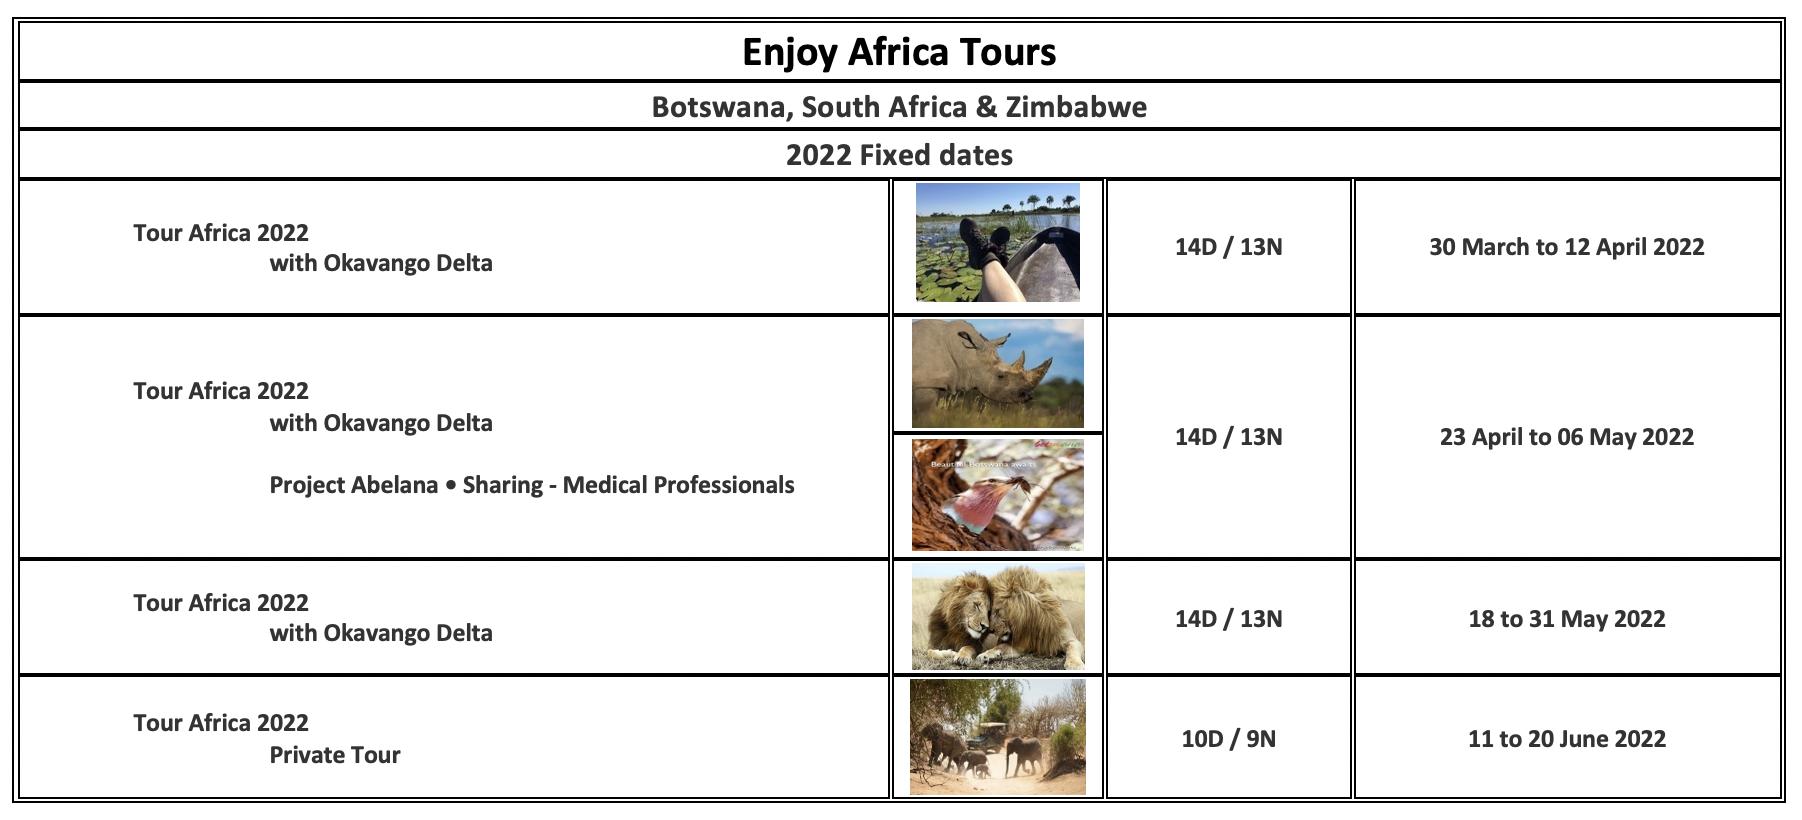 Enjoy Afrique Tours 2022 Botswana South Africa Zimbabwe